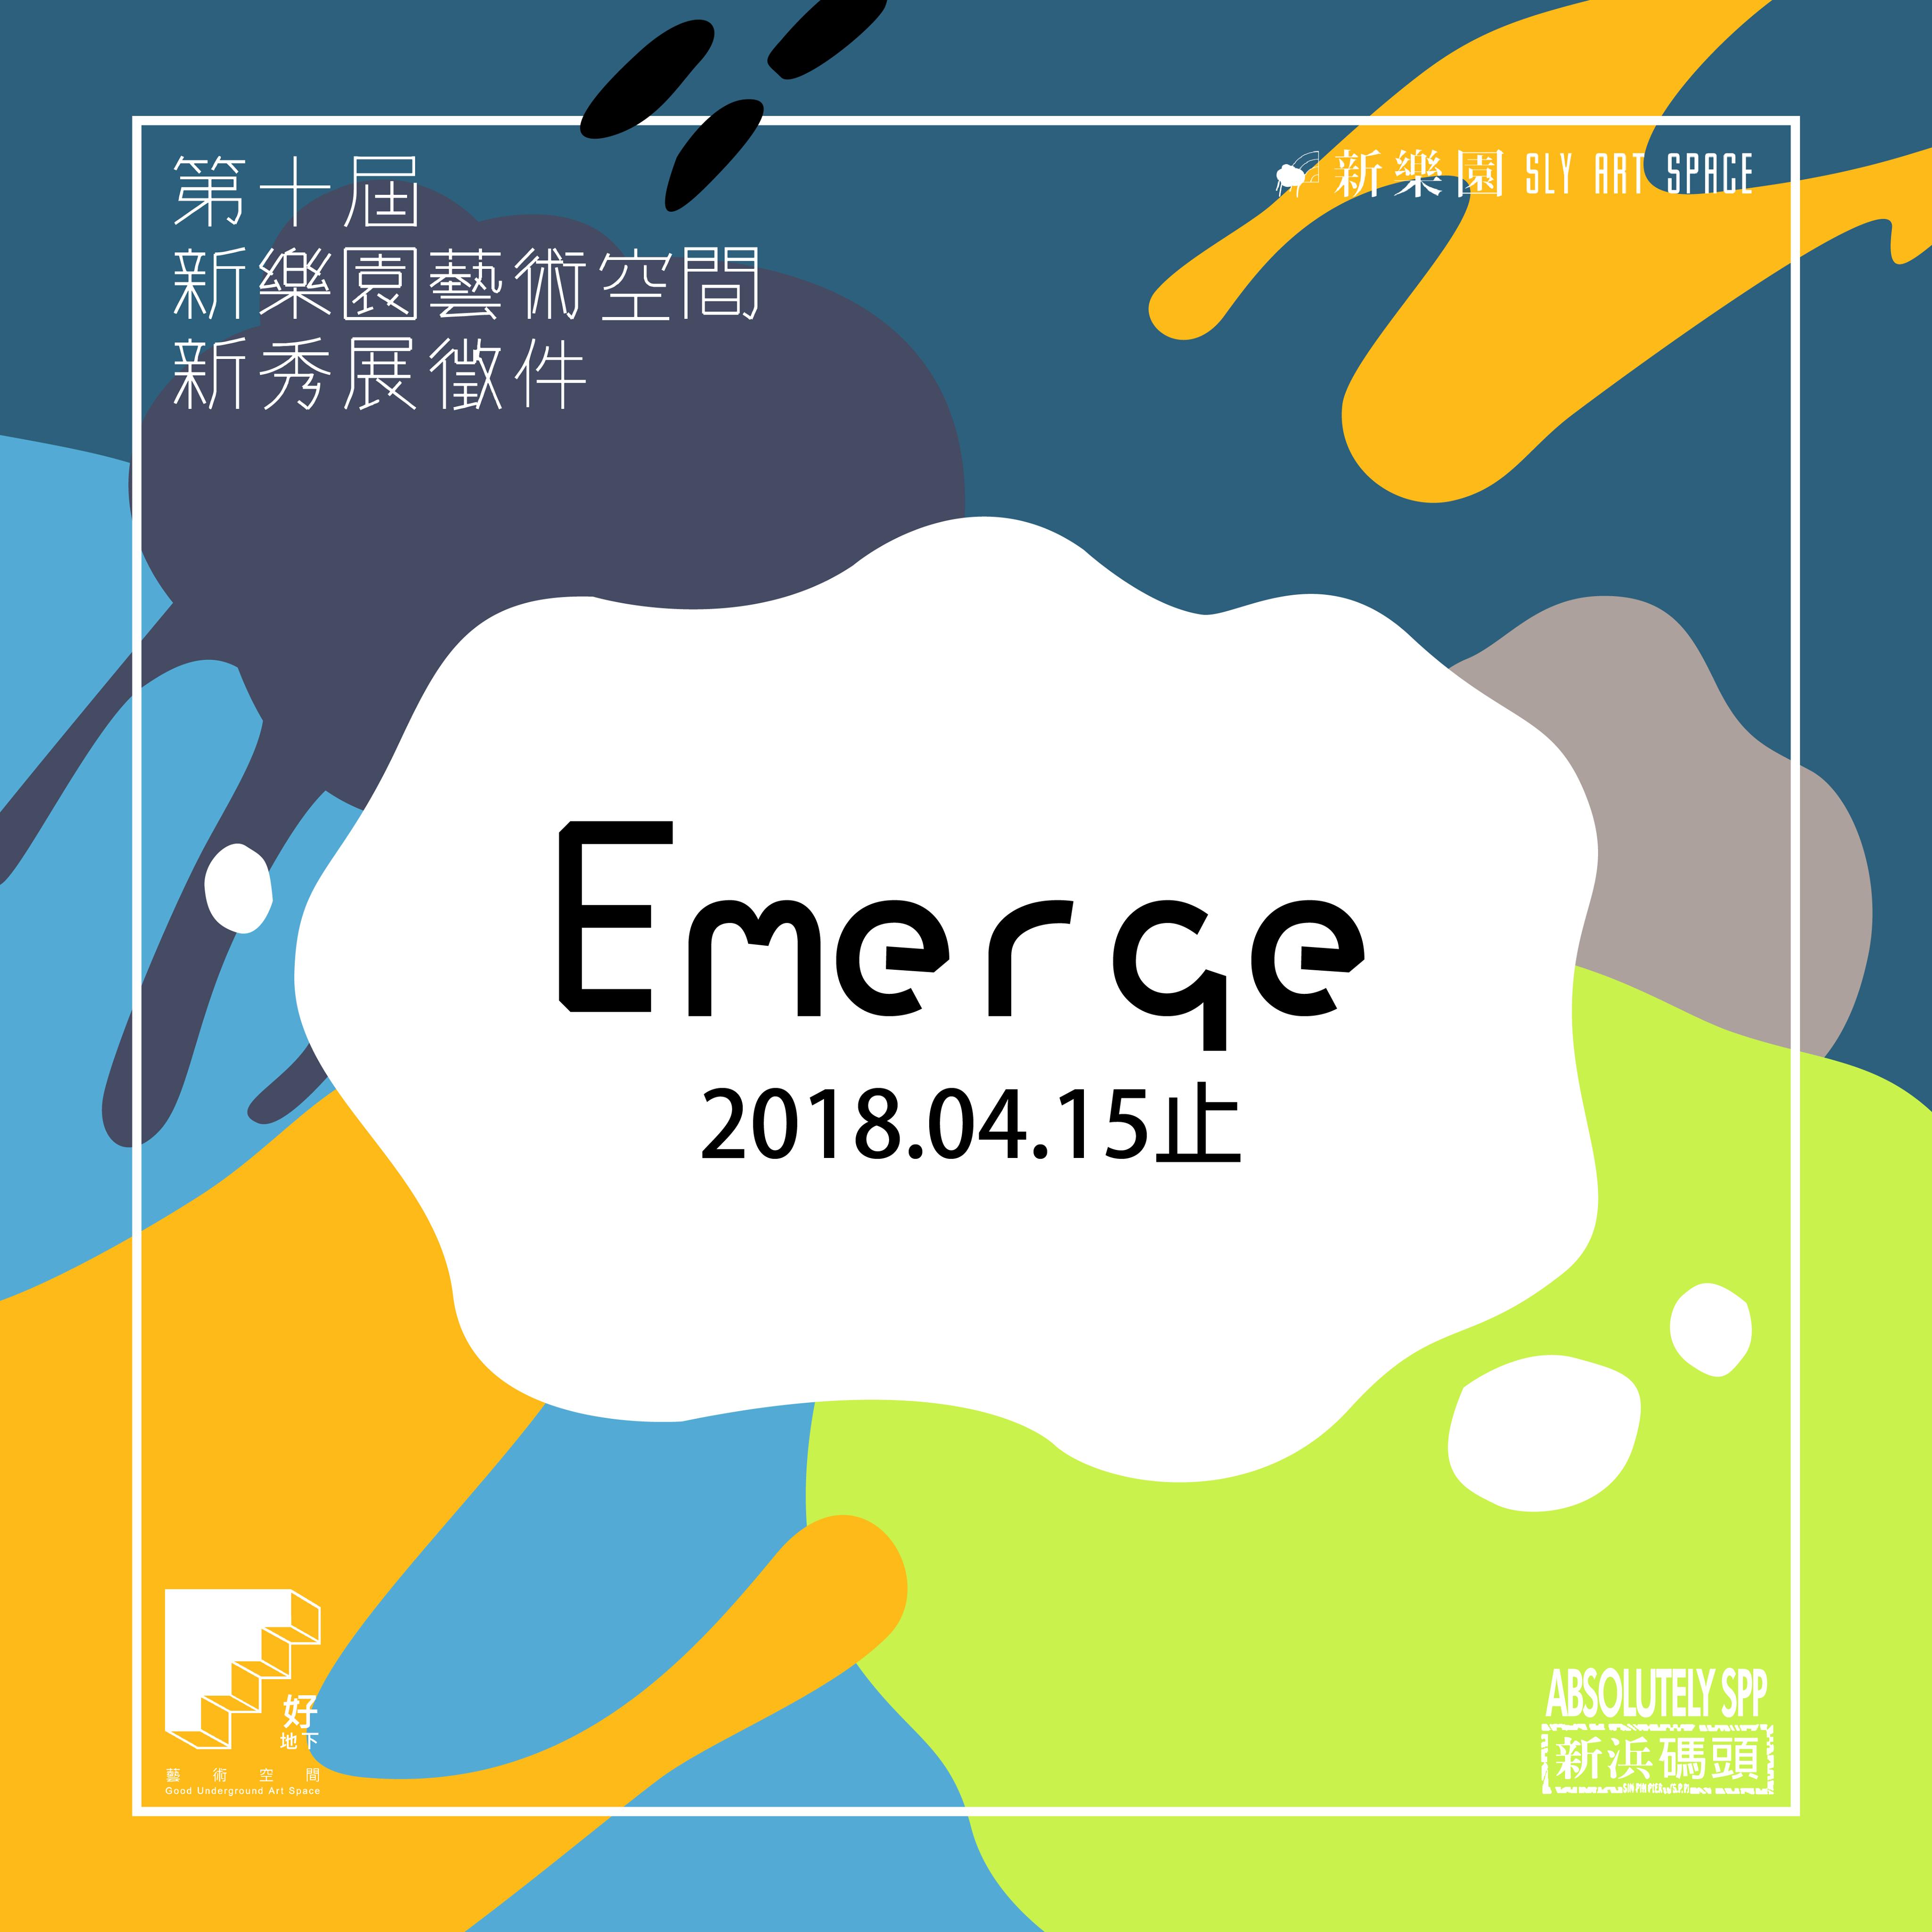 【 展覽徵件|第十屆新樂園Emerge新秀展徵件簡章 】